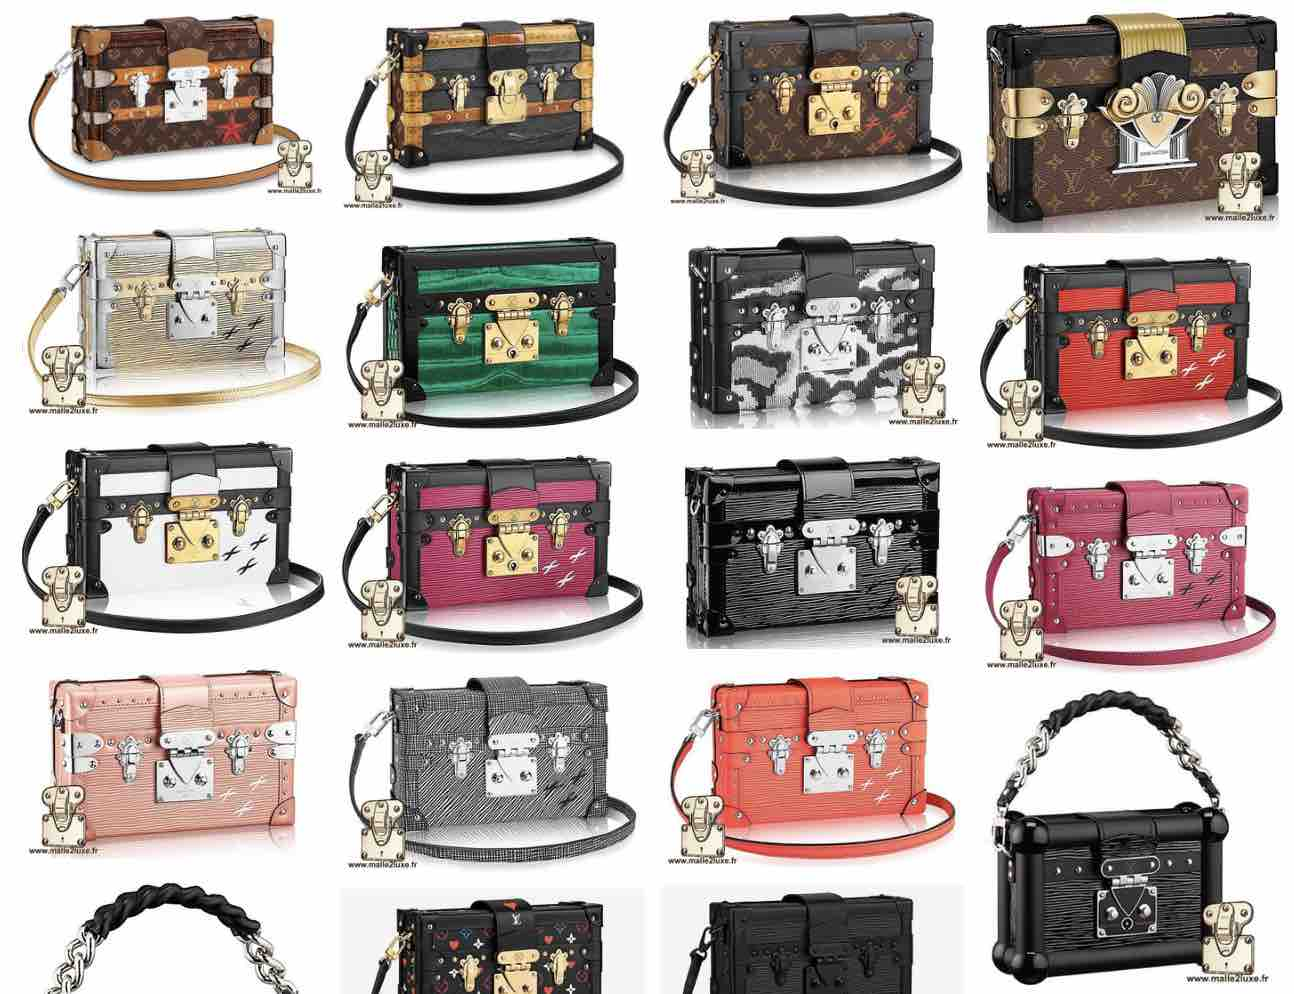 Sac petite Malle Louis Vuitton